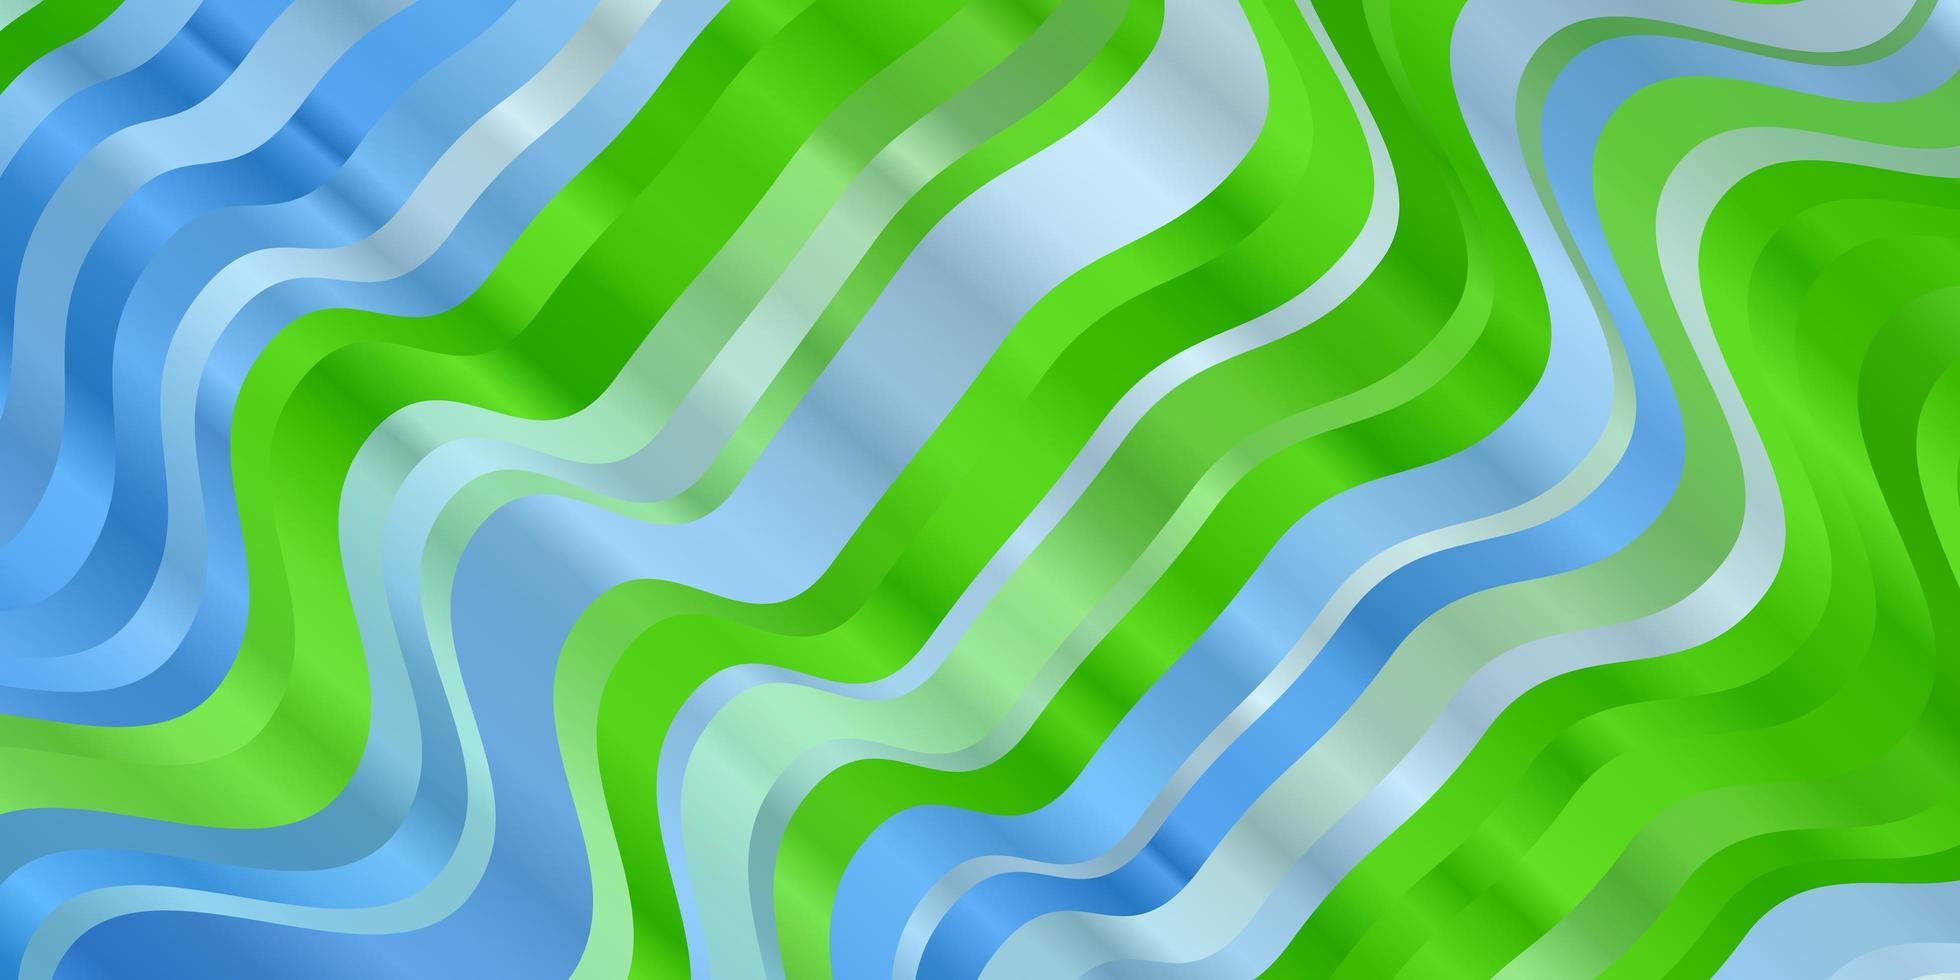 ljusblått, grönt vektormönster med sneda linjer. vektor